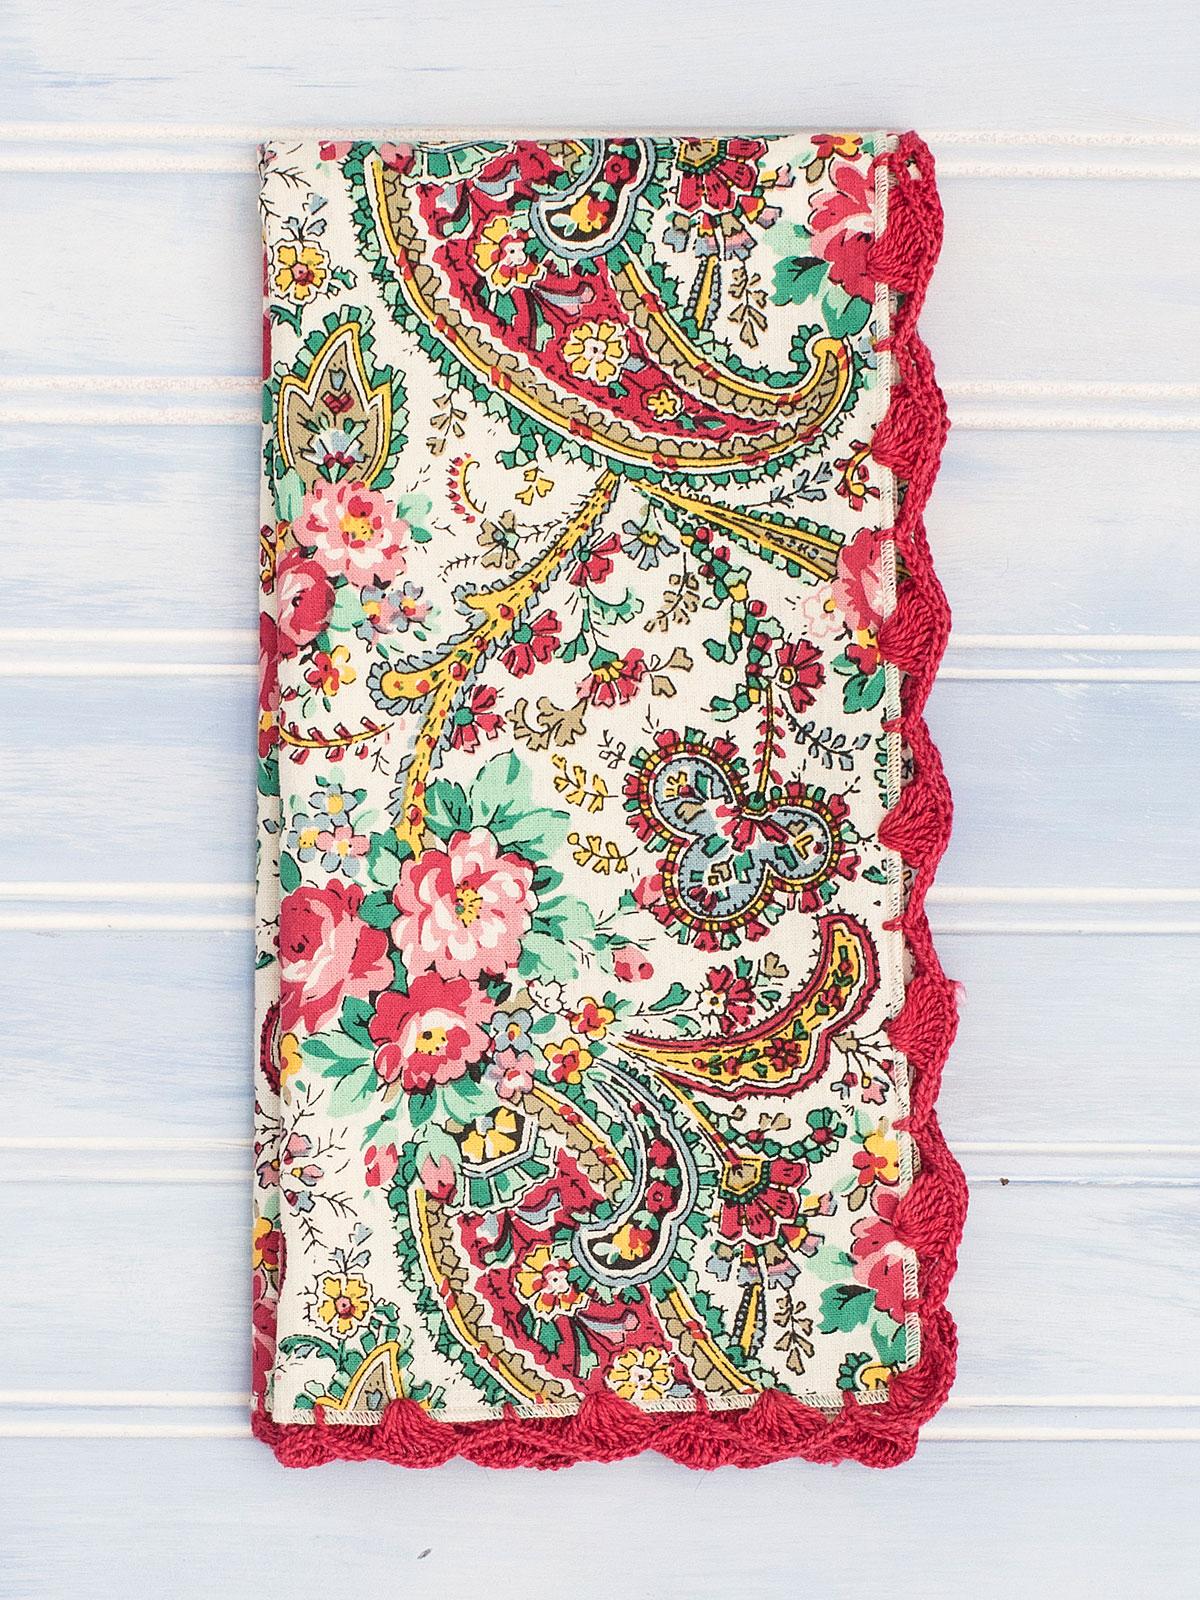 Garden Paisley Crochet Napkin Set Of 4 Linens Kitchen Napkins